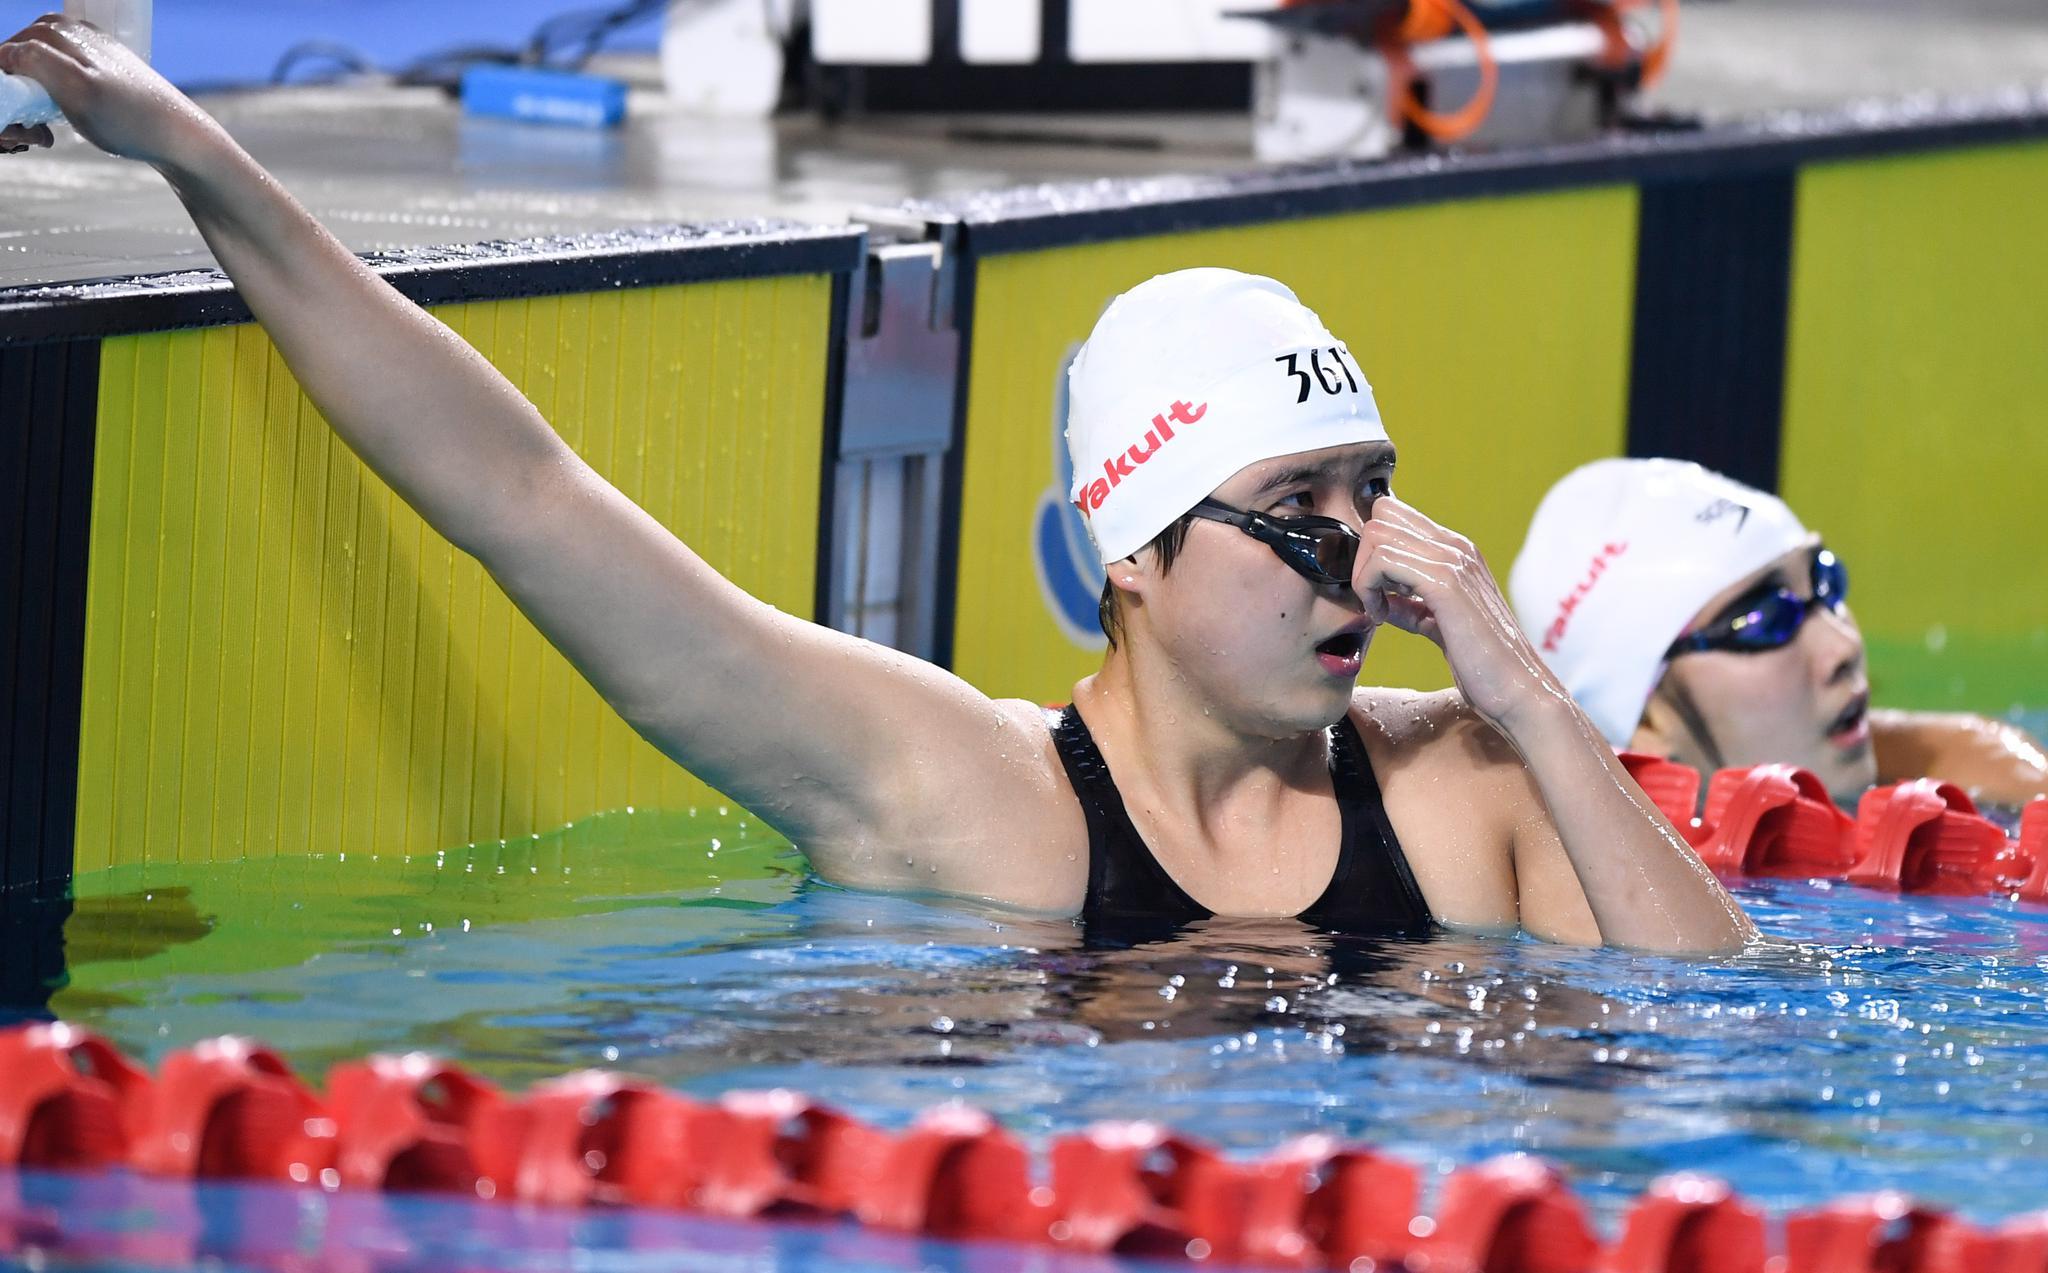 二青会游泳:王简嘉禾200米自由泳摘铜  李冰洁获第三块银牌